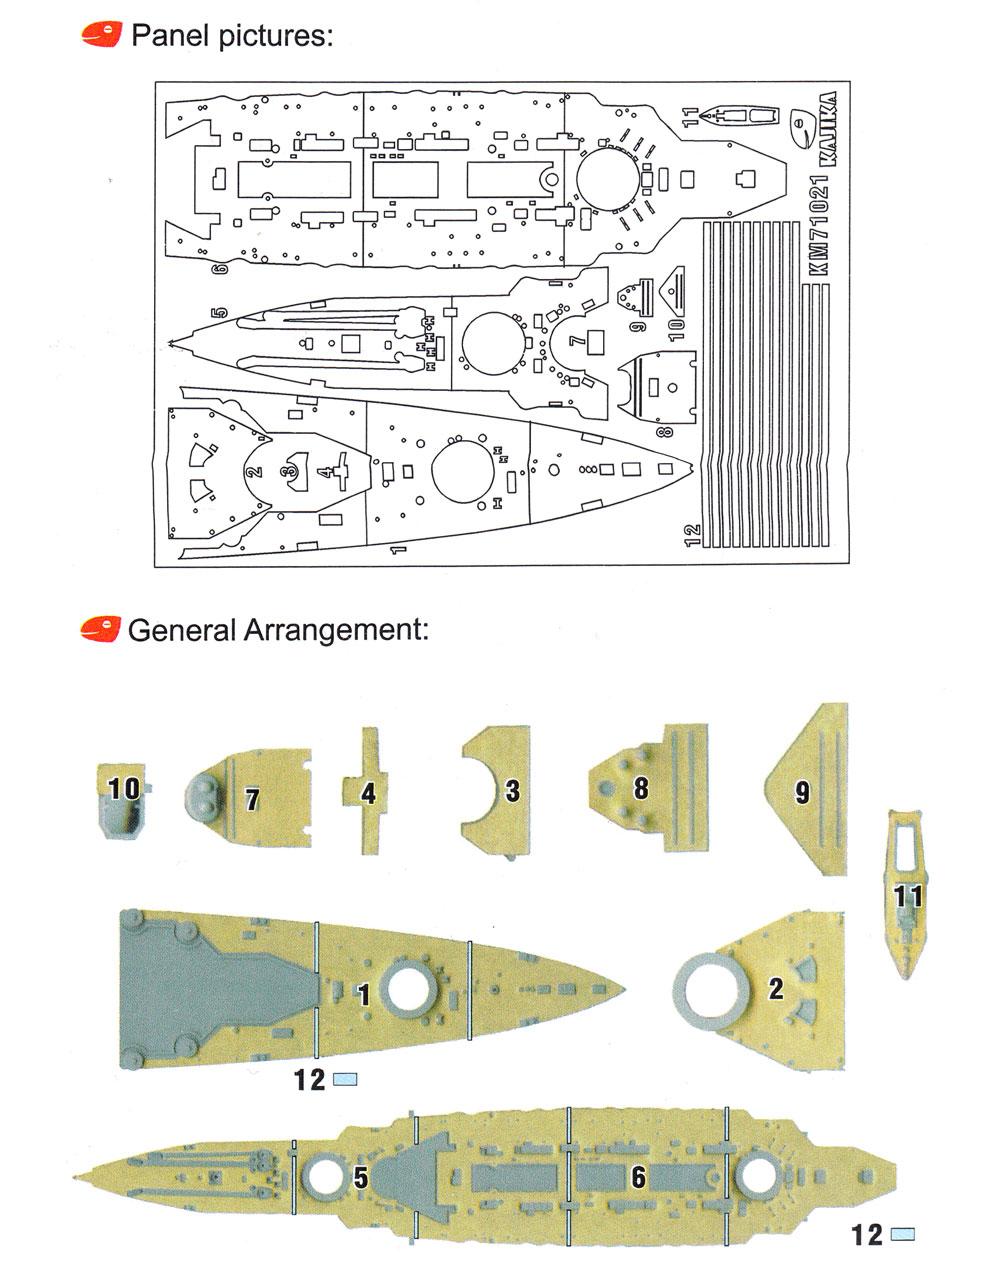 日本海軍 超弩級巡洋戦艦 榛名 1915年 マスキングシート (フライホークモデル用)マスキングシート(カジカディテールアップパーツ シリーズNo.KM71021)商品画像_1